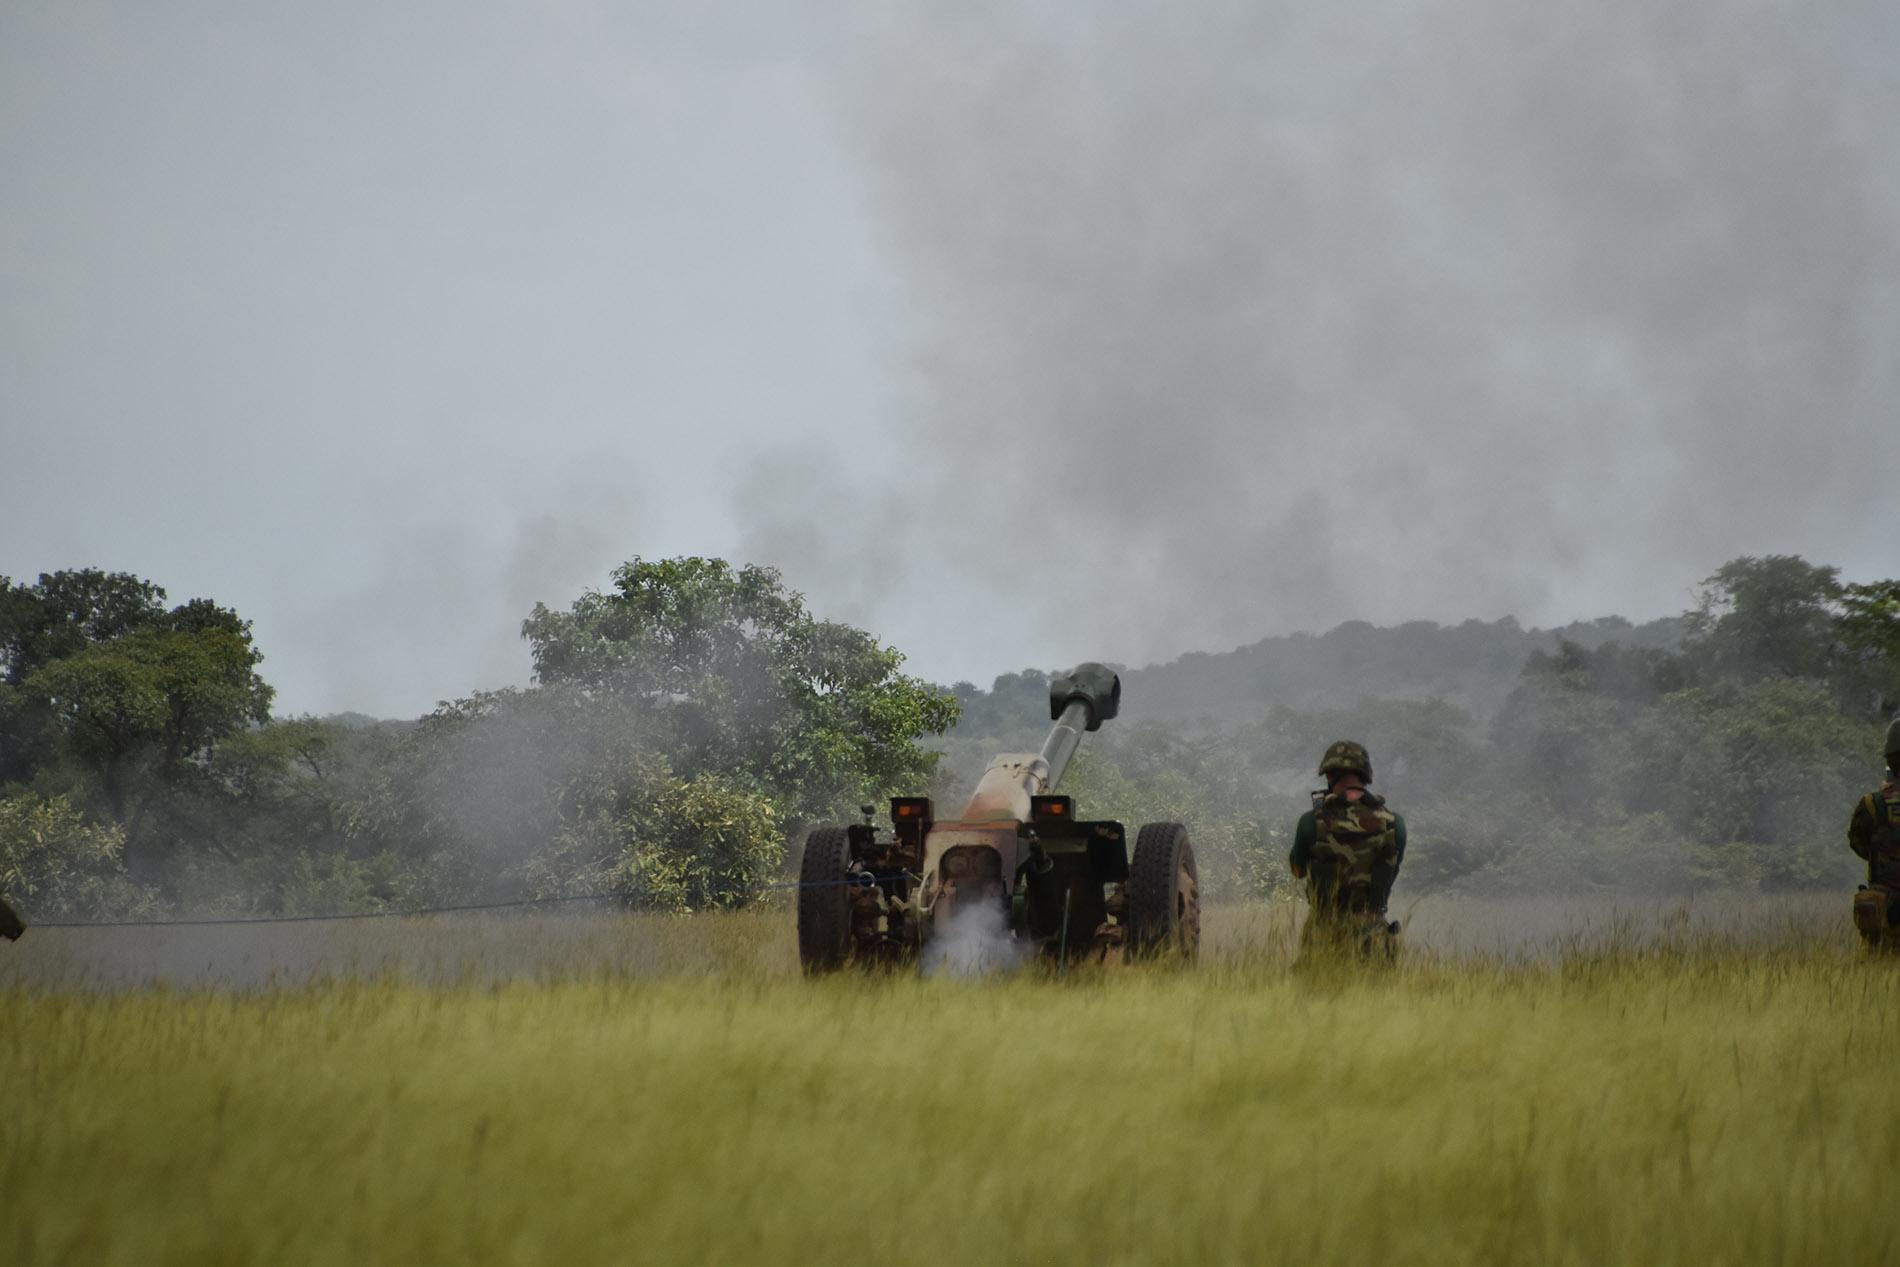 D-30 HOWITZER FIRING